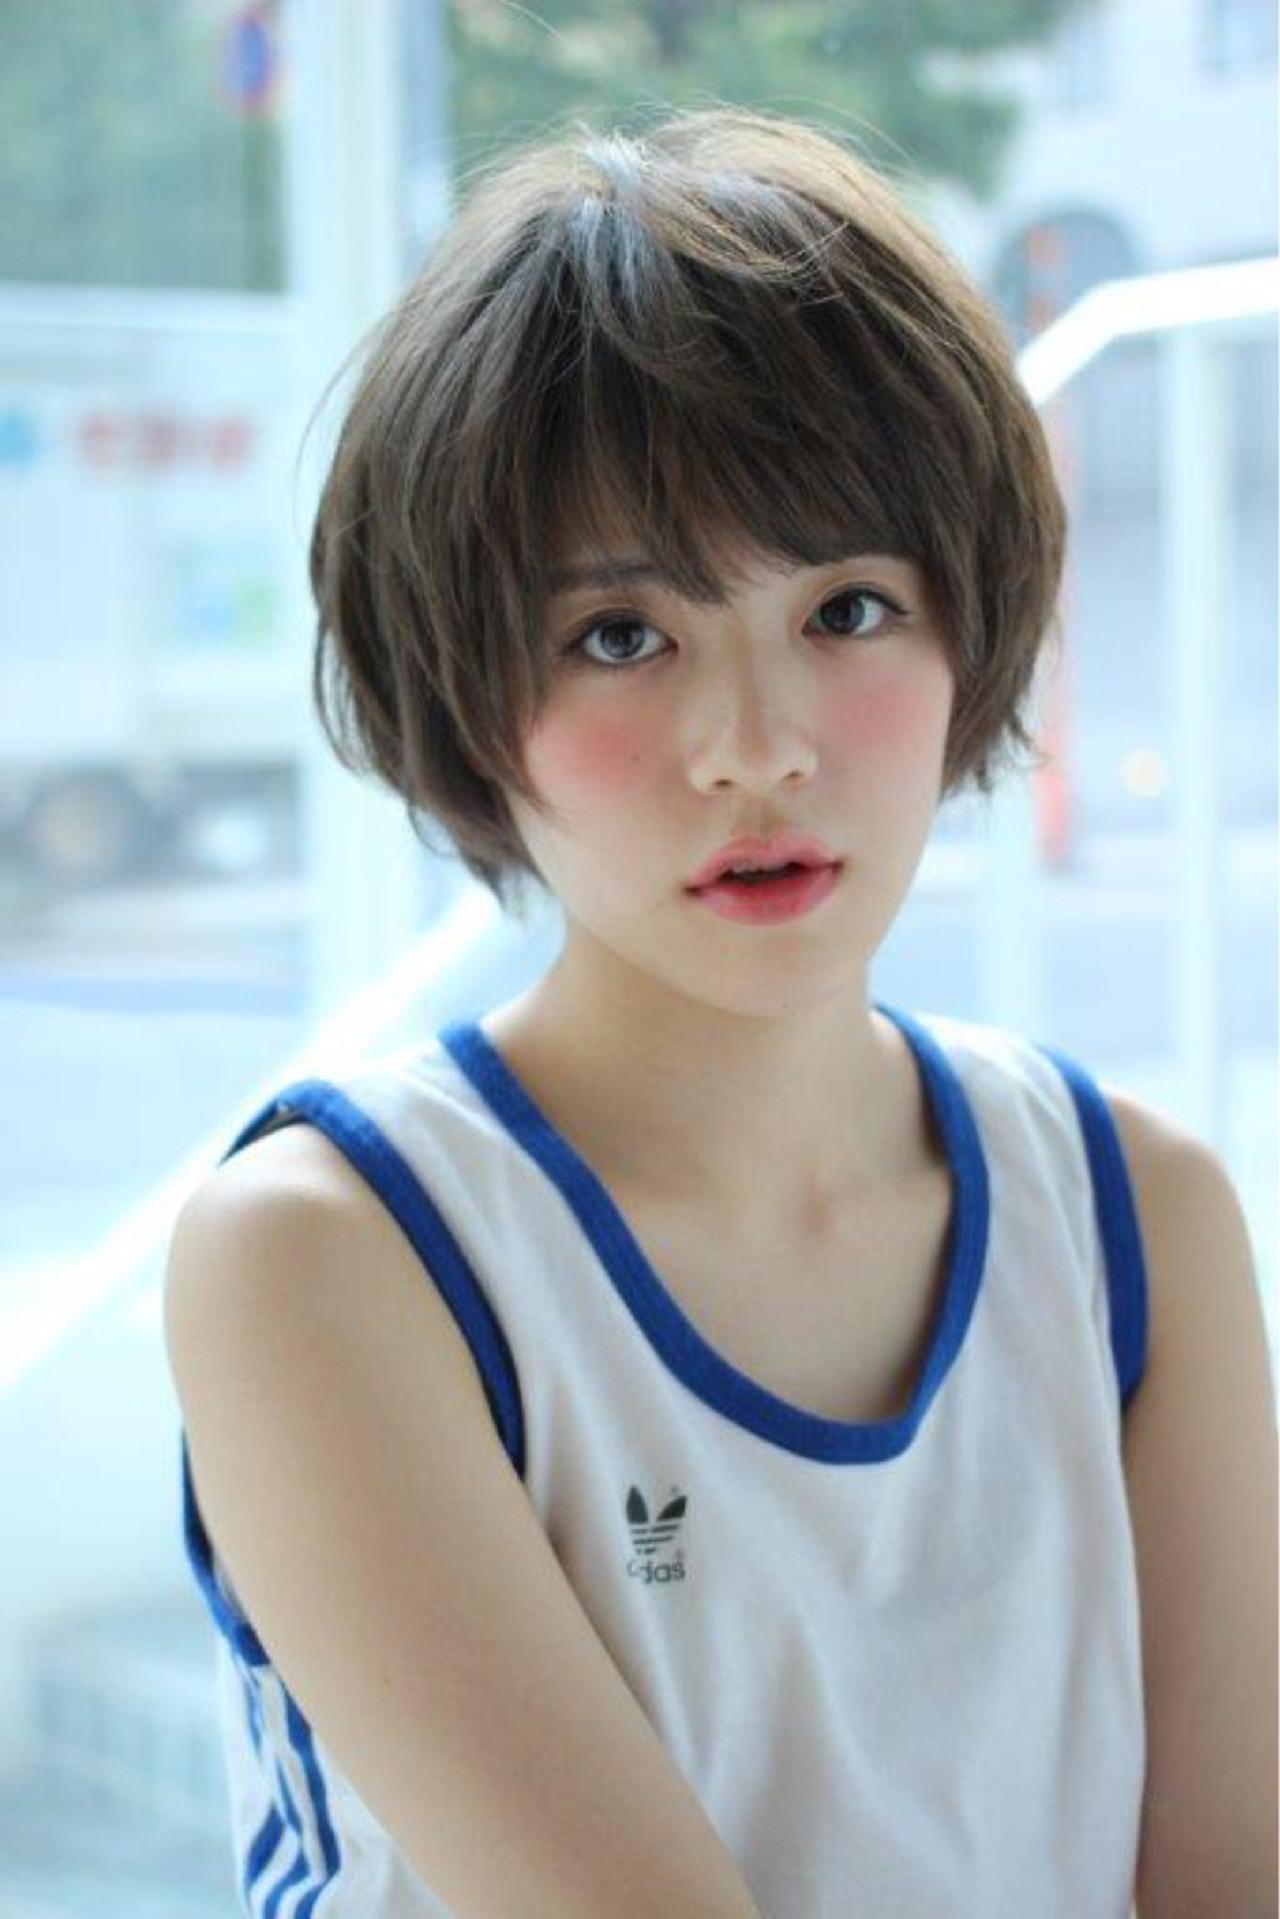 レイヤーカット キュート ショートボブ ラフ ヘアスタイルや髪型の写真・画像   切りっぱなしボブを流行らせた人 Un ami増永 / Un ami omotesando